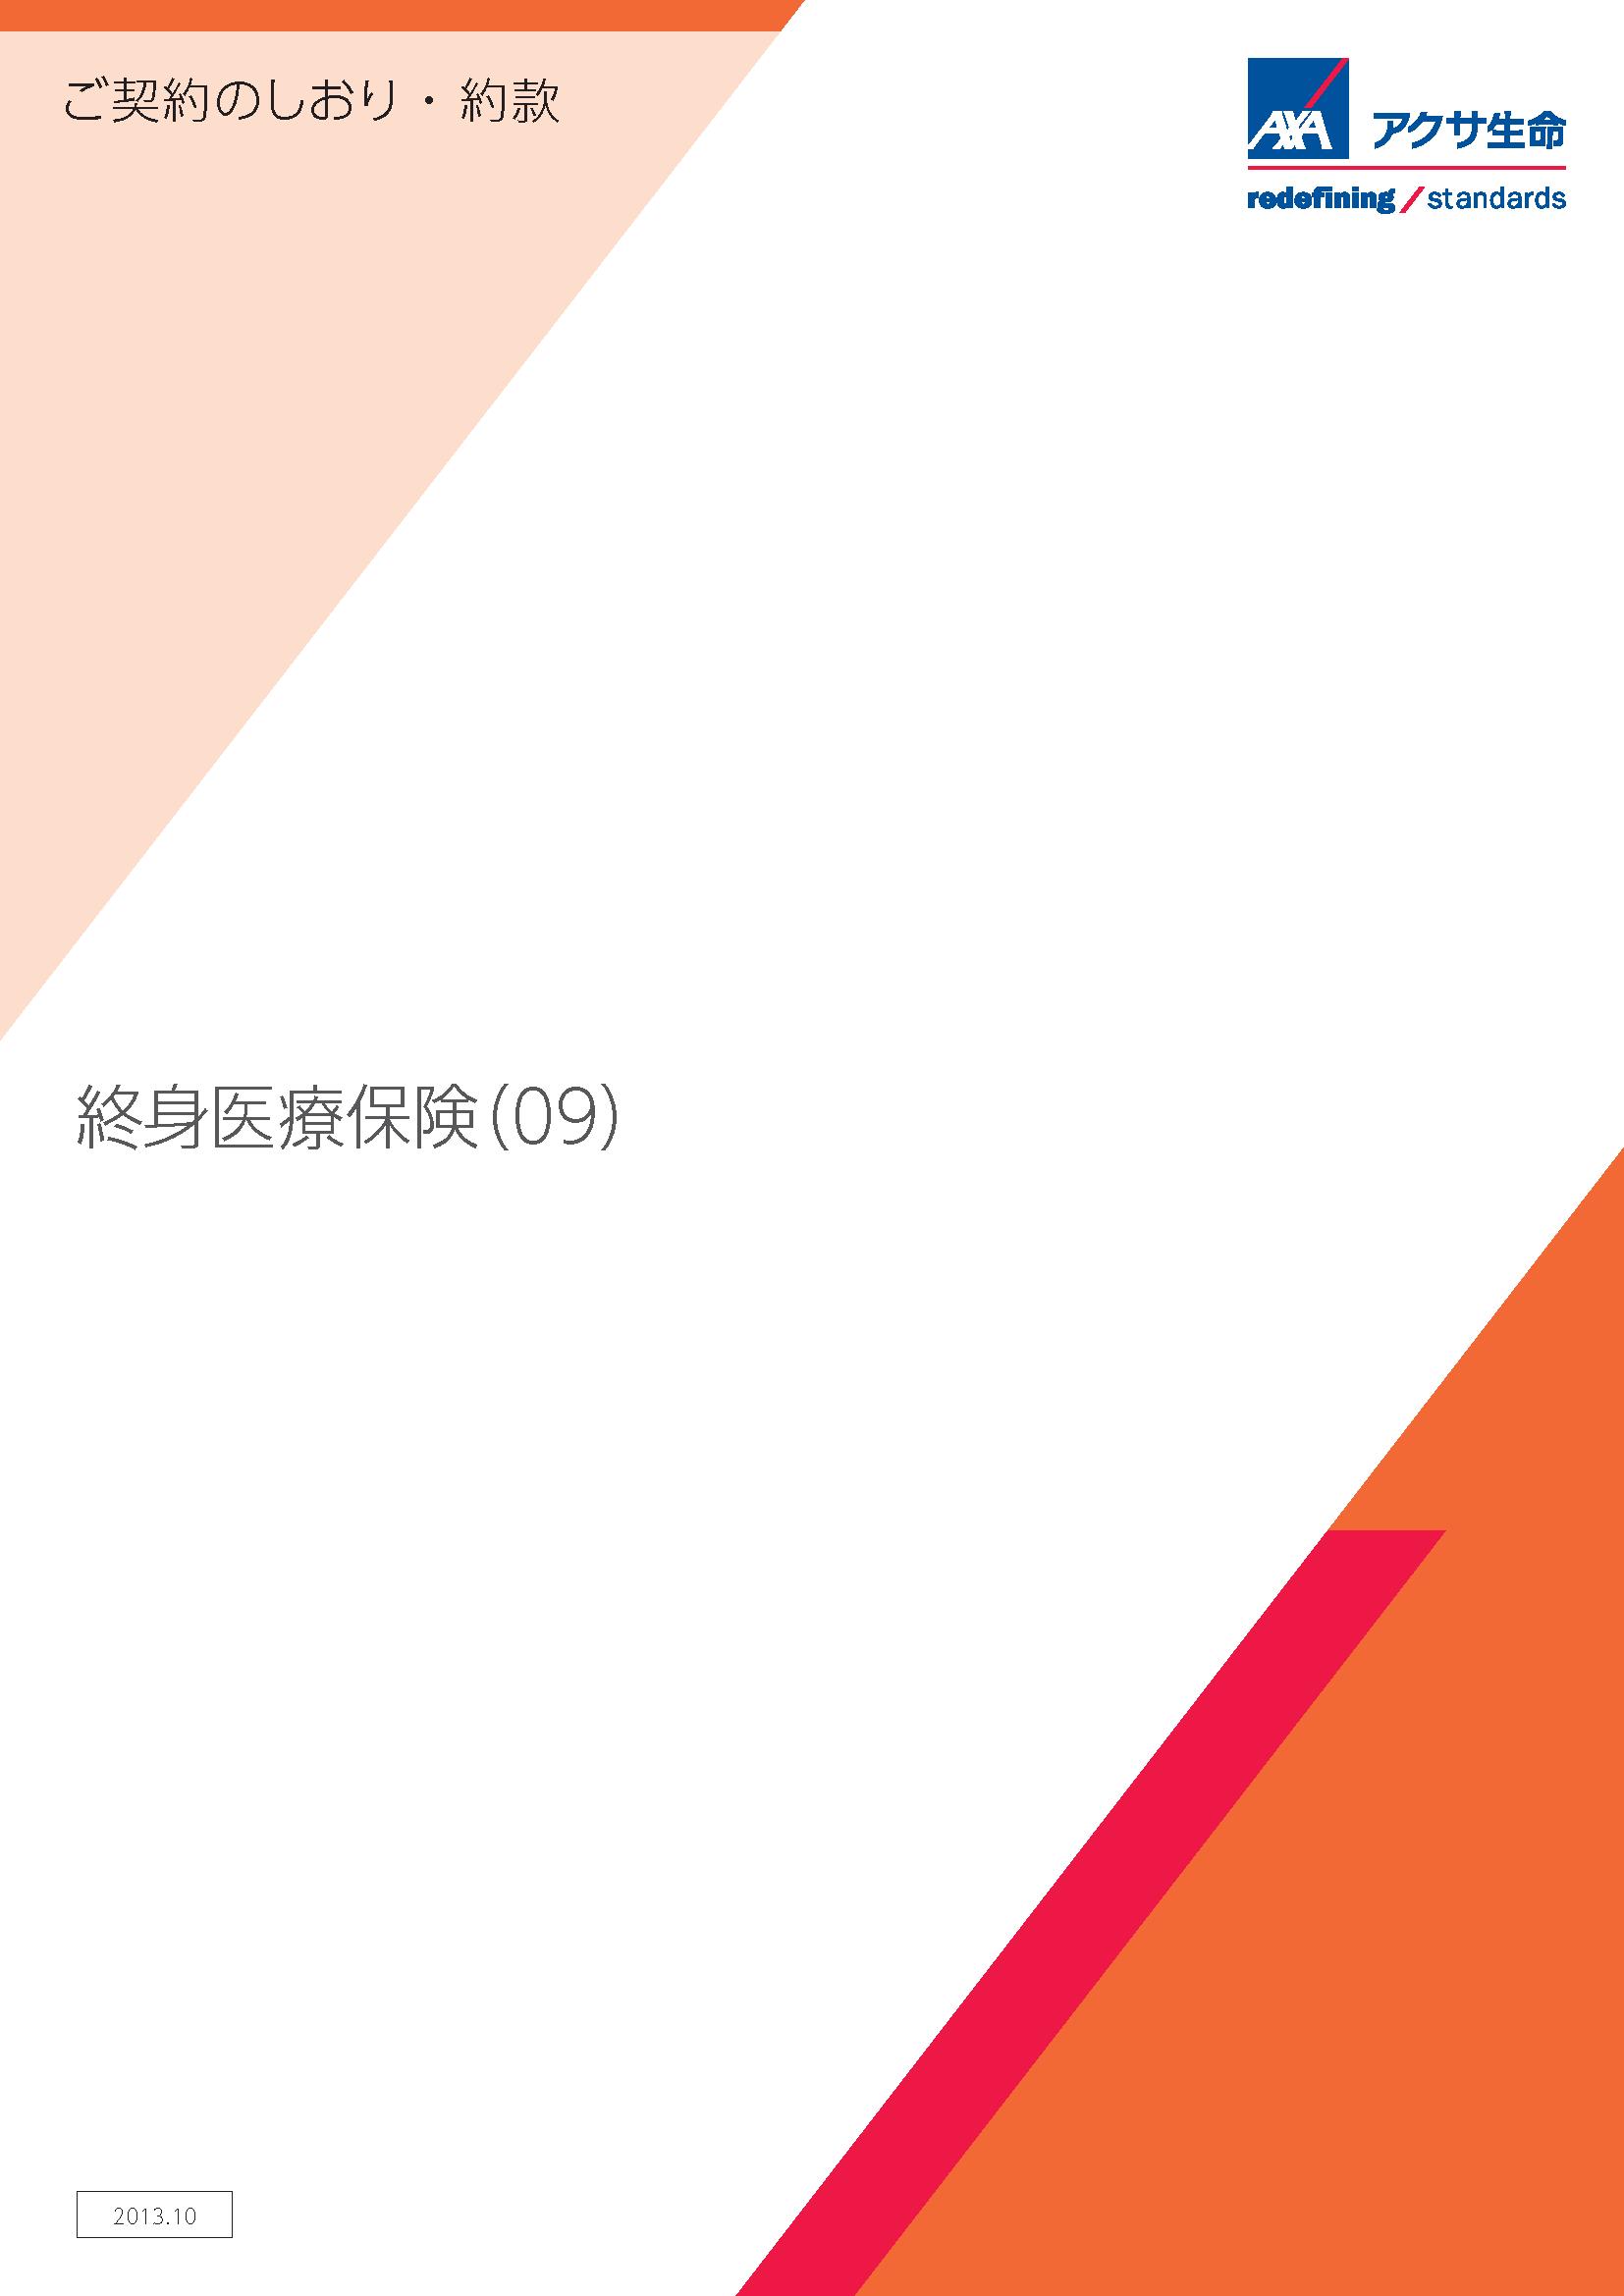 終身医療保険(09)